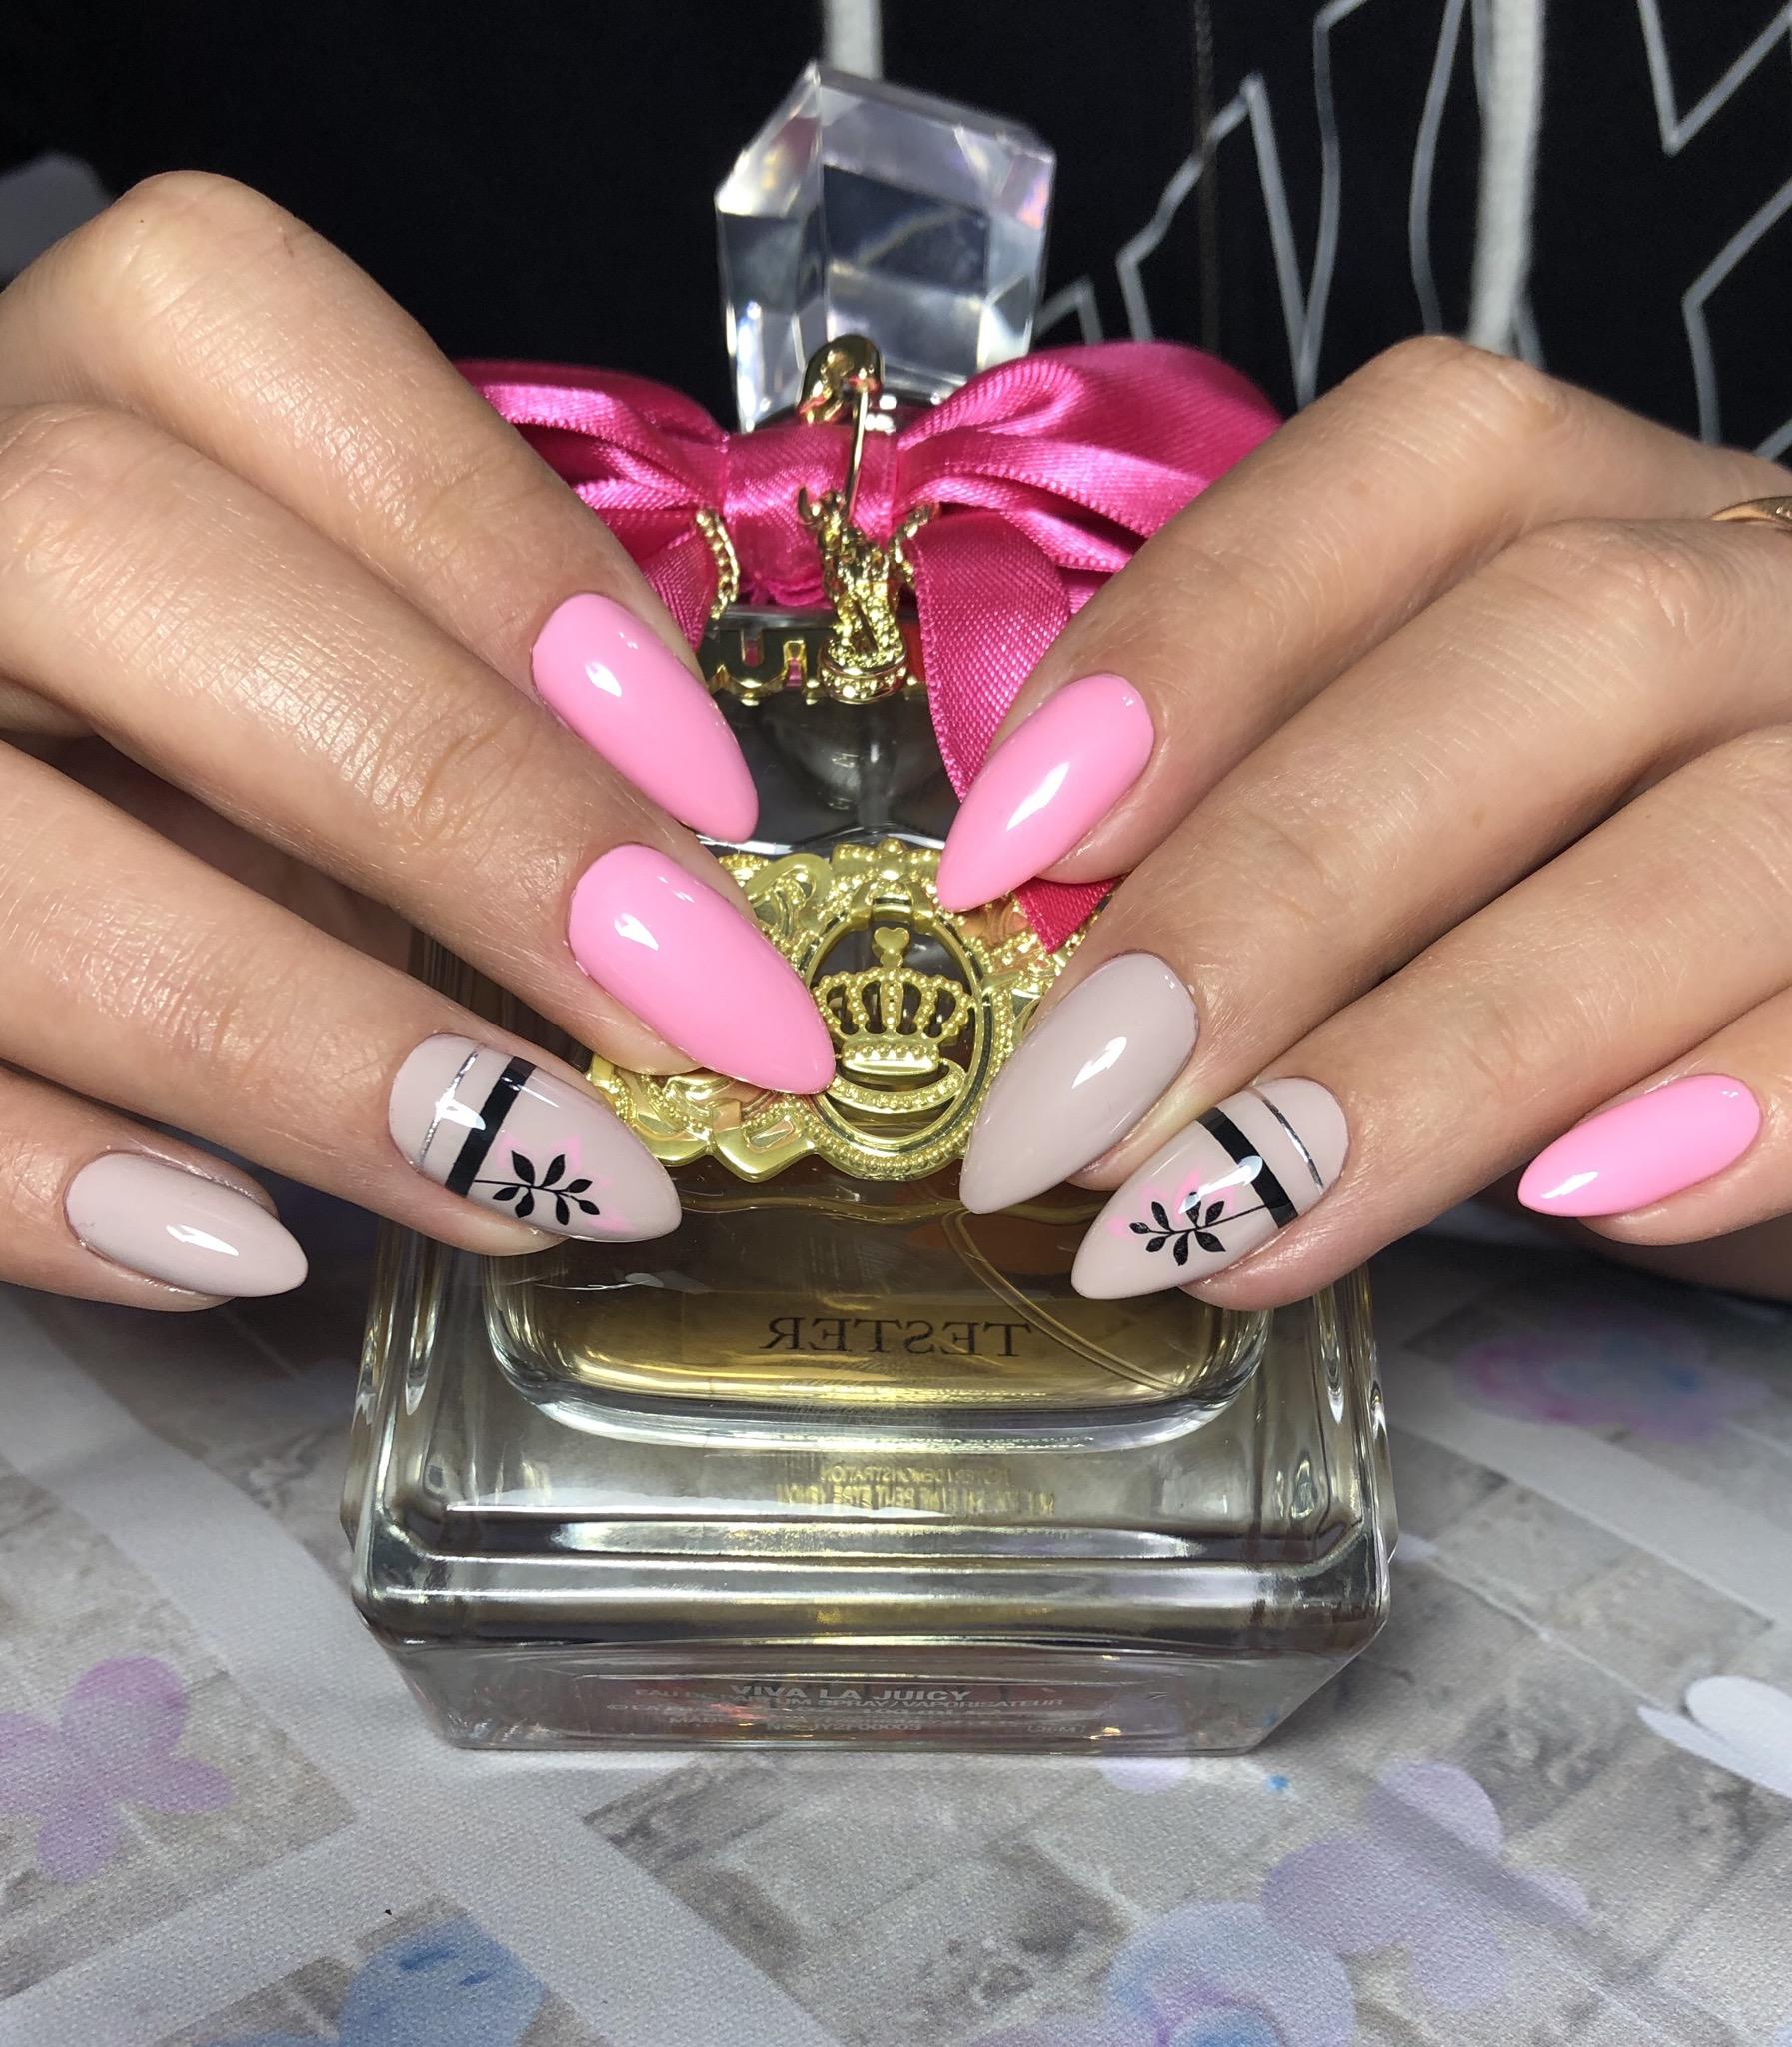 Маникюр с растительным рисунком и полосками в розовом цвете на длинные ногти.